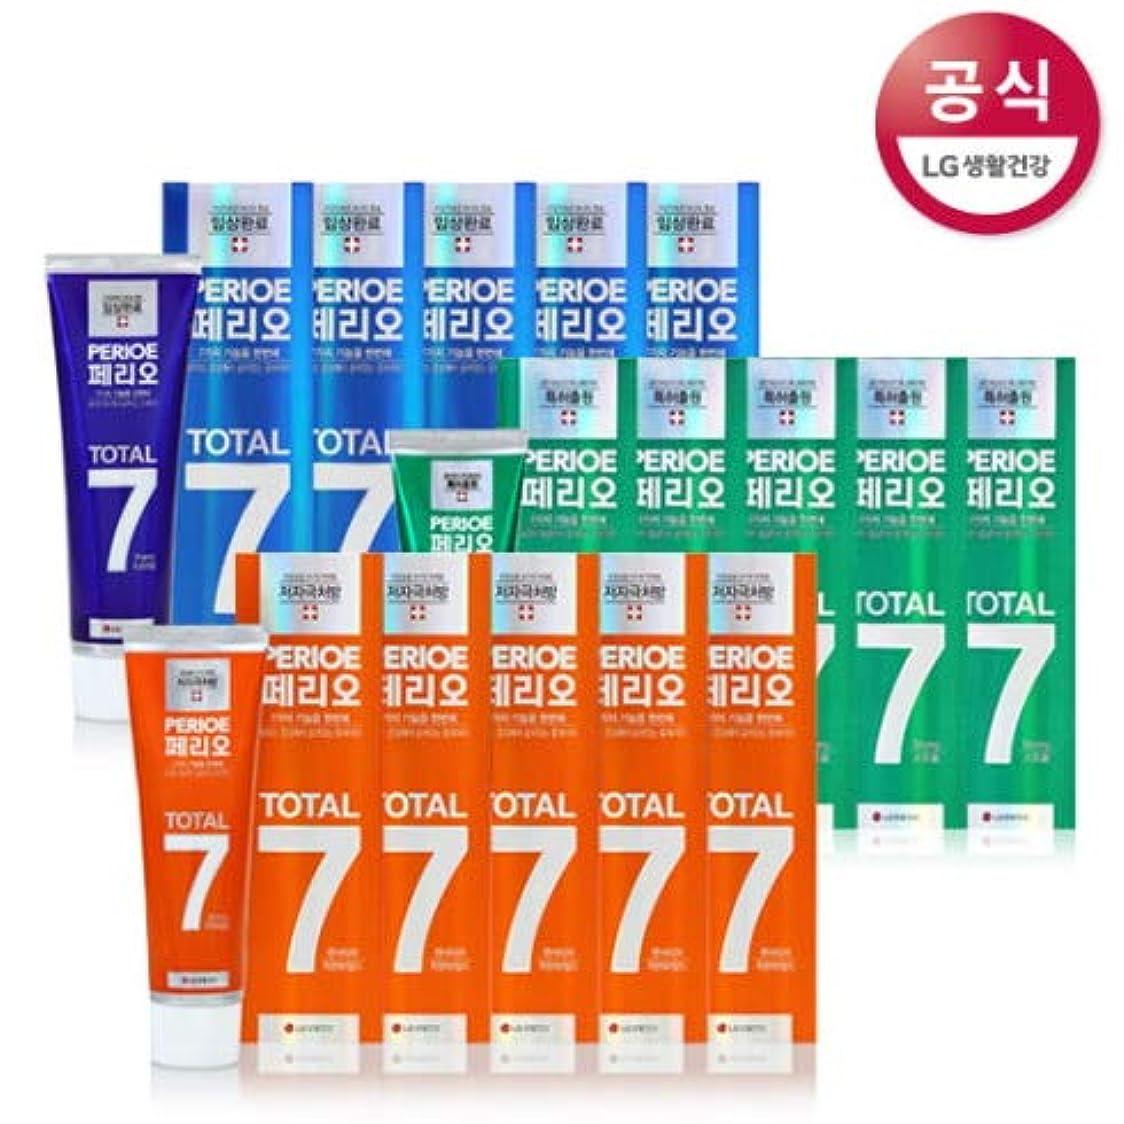 ステンレスひらめきリスク[LG HnB] Perio Total 7 toothpaste /ペリオトータル7歯磨き粉 120gx18個(海外直送品)